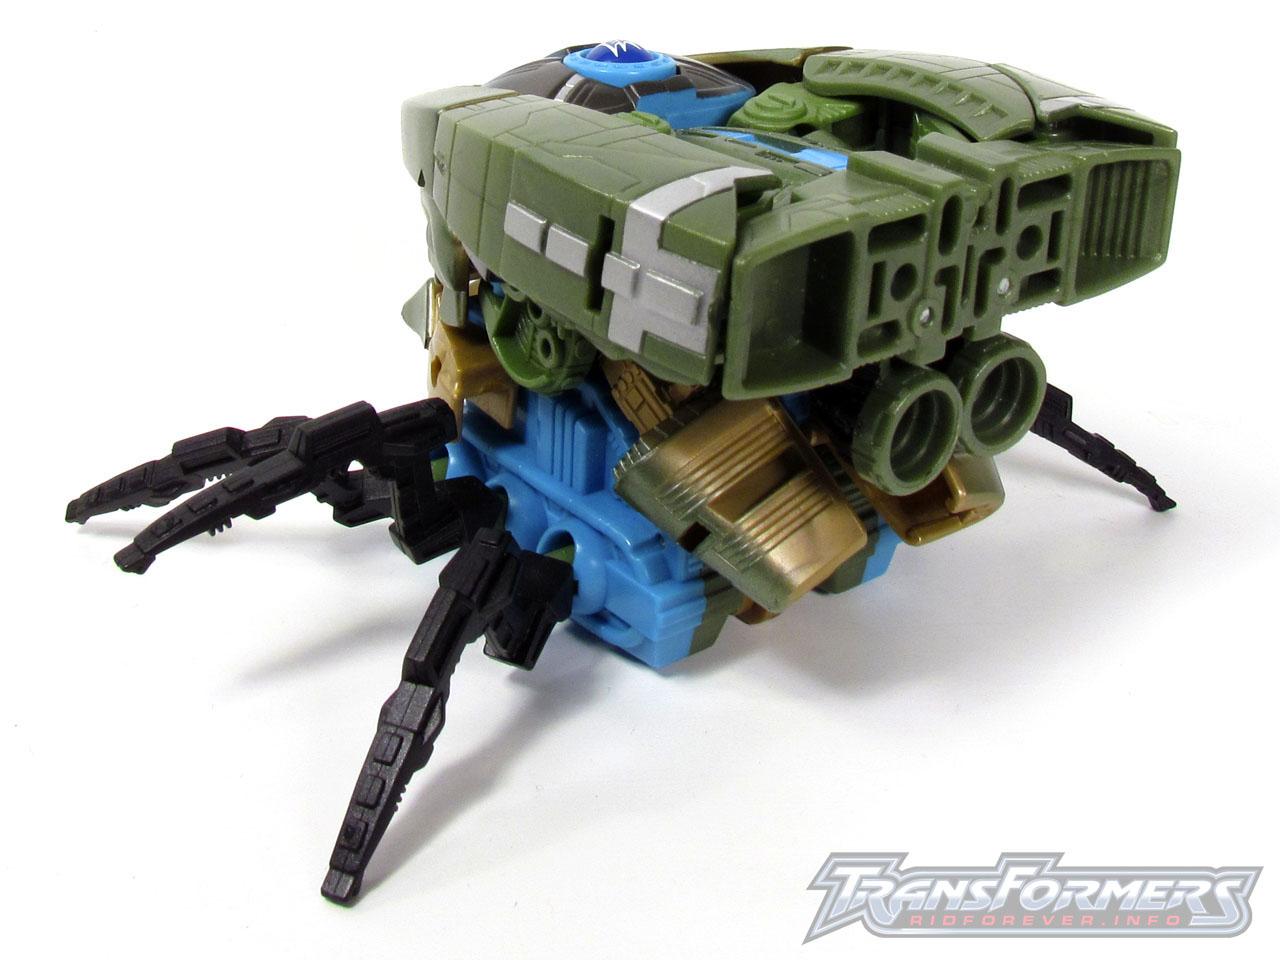 RID Megabolt Megatron Green 016